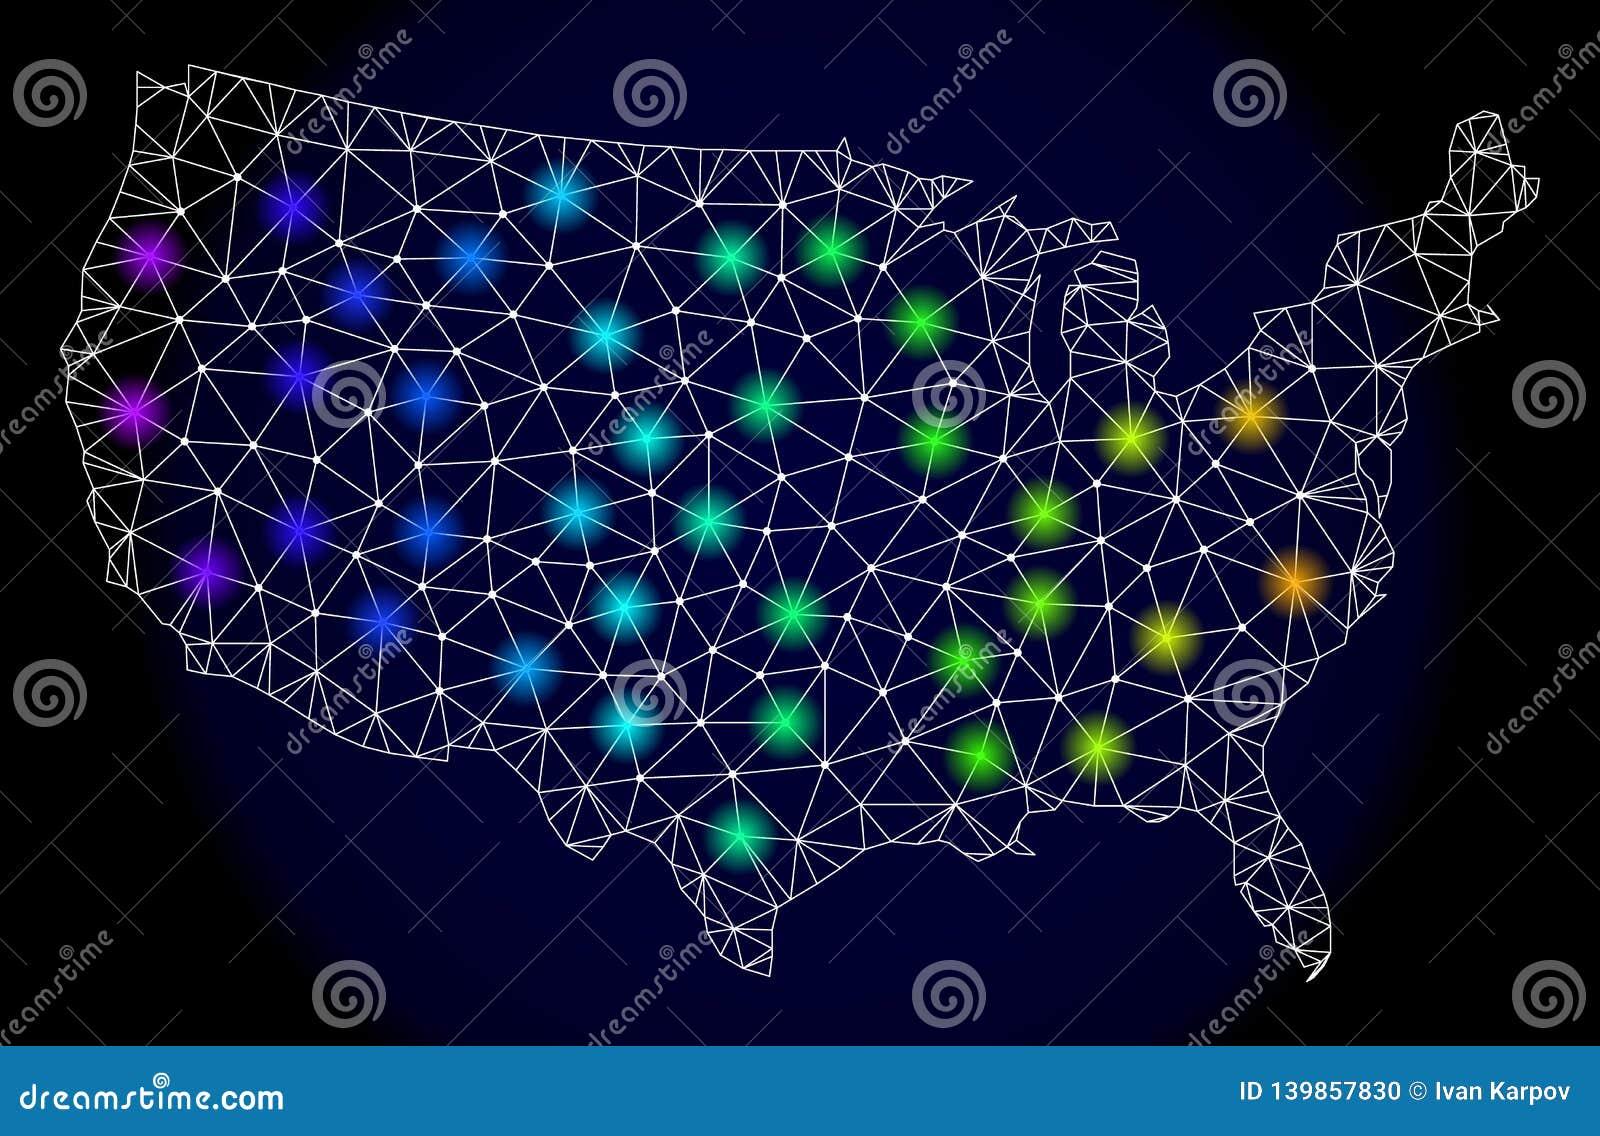 2.o Mesh Map poligonal de Estados Unidos con los puntos ligeros brillantes